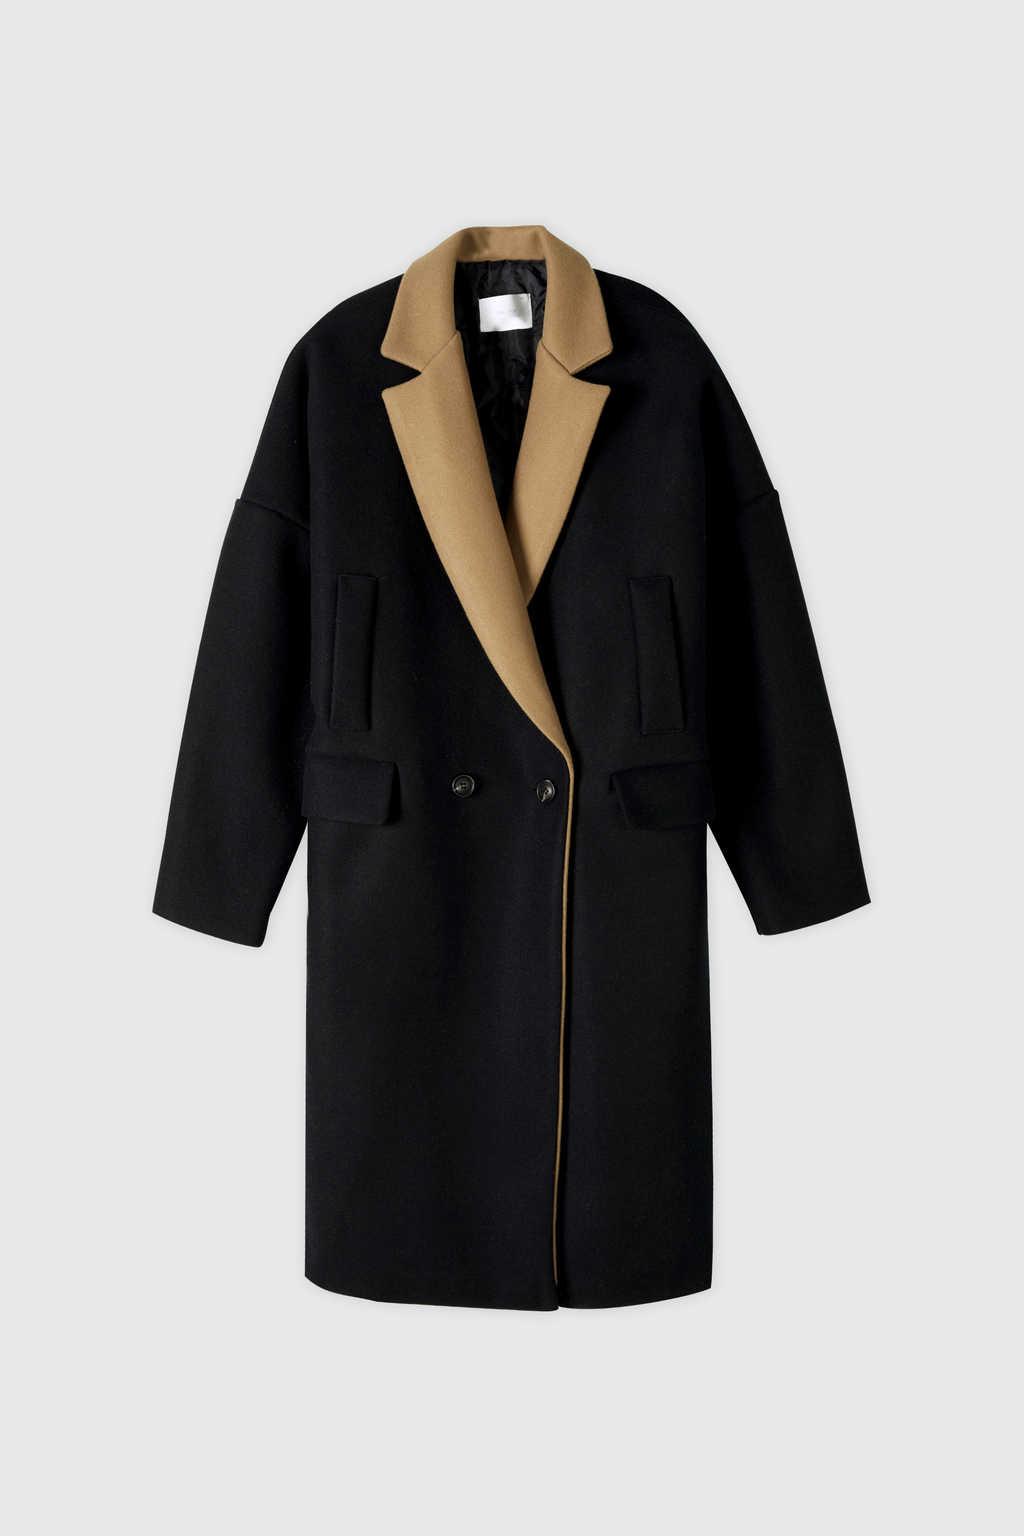 Coat J007 Black 11